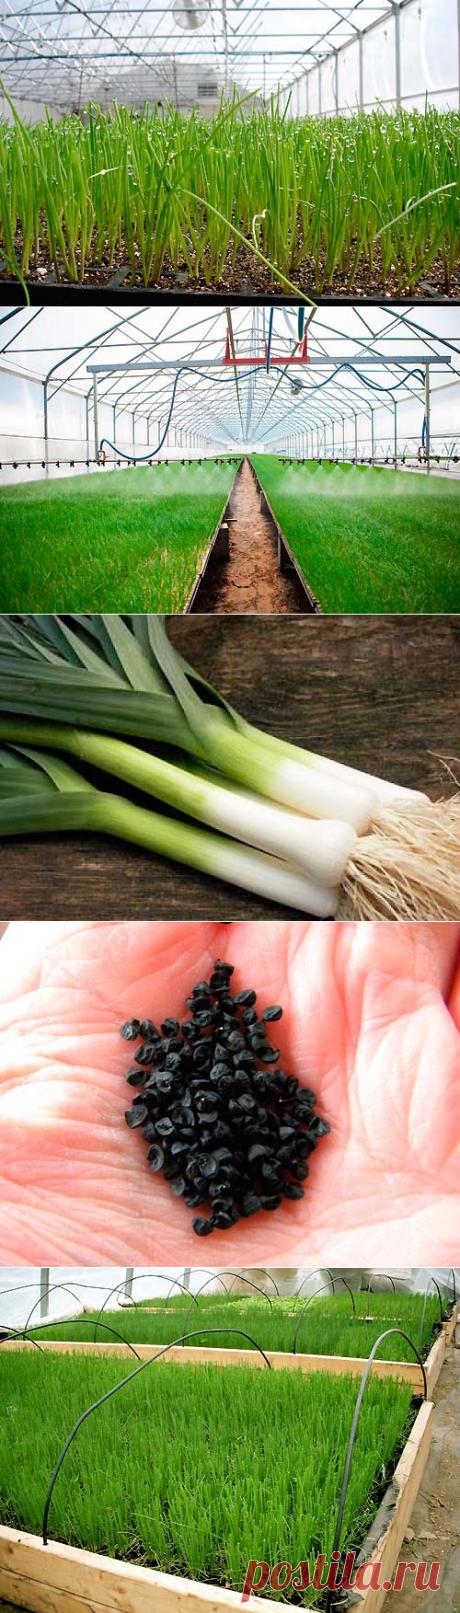 La cultivación de la cebolla a la pluma en el invernadero en invierno detalladamente